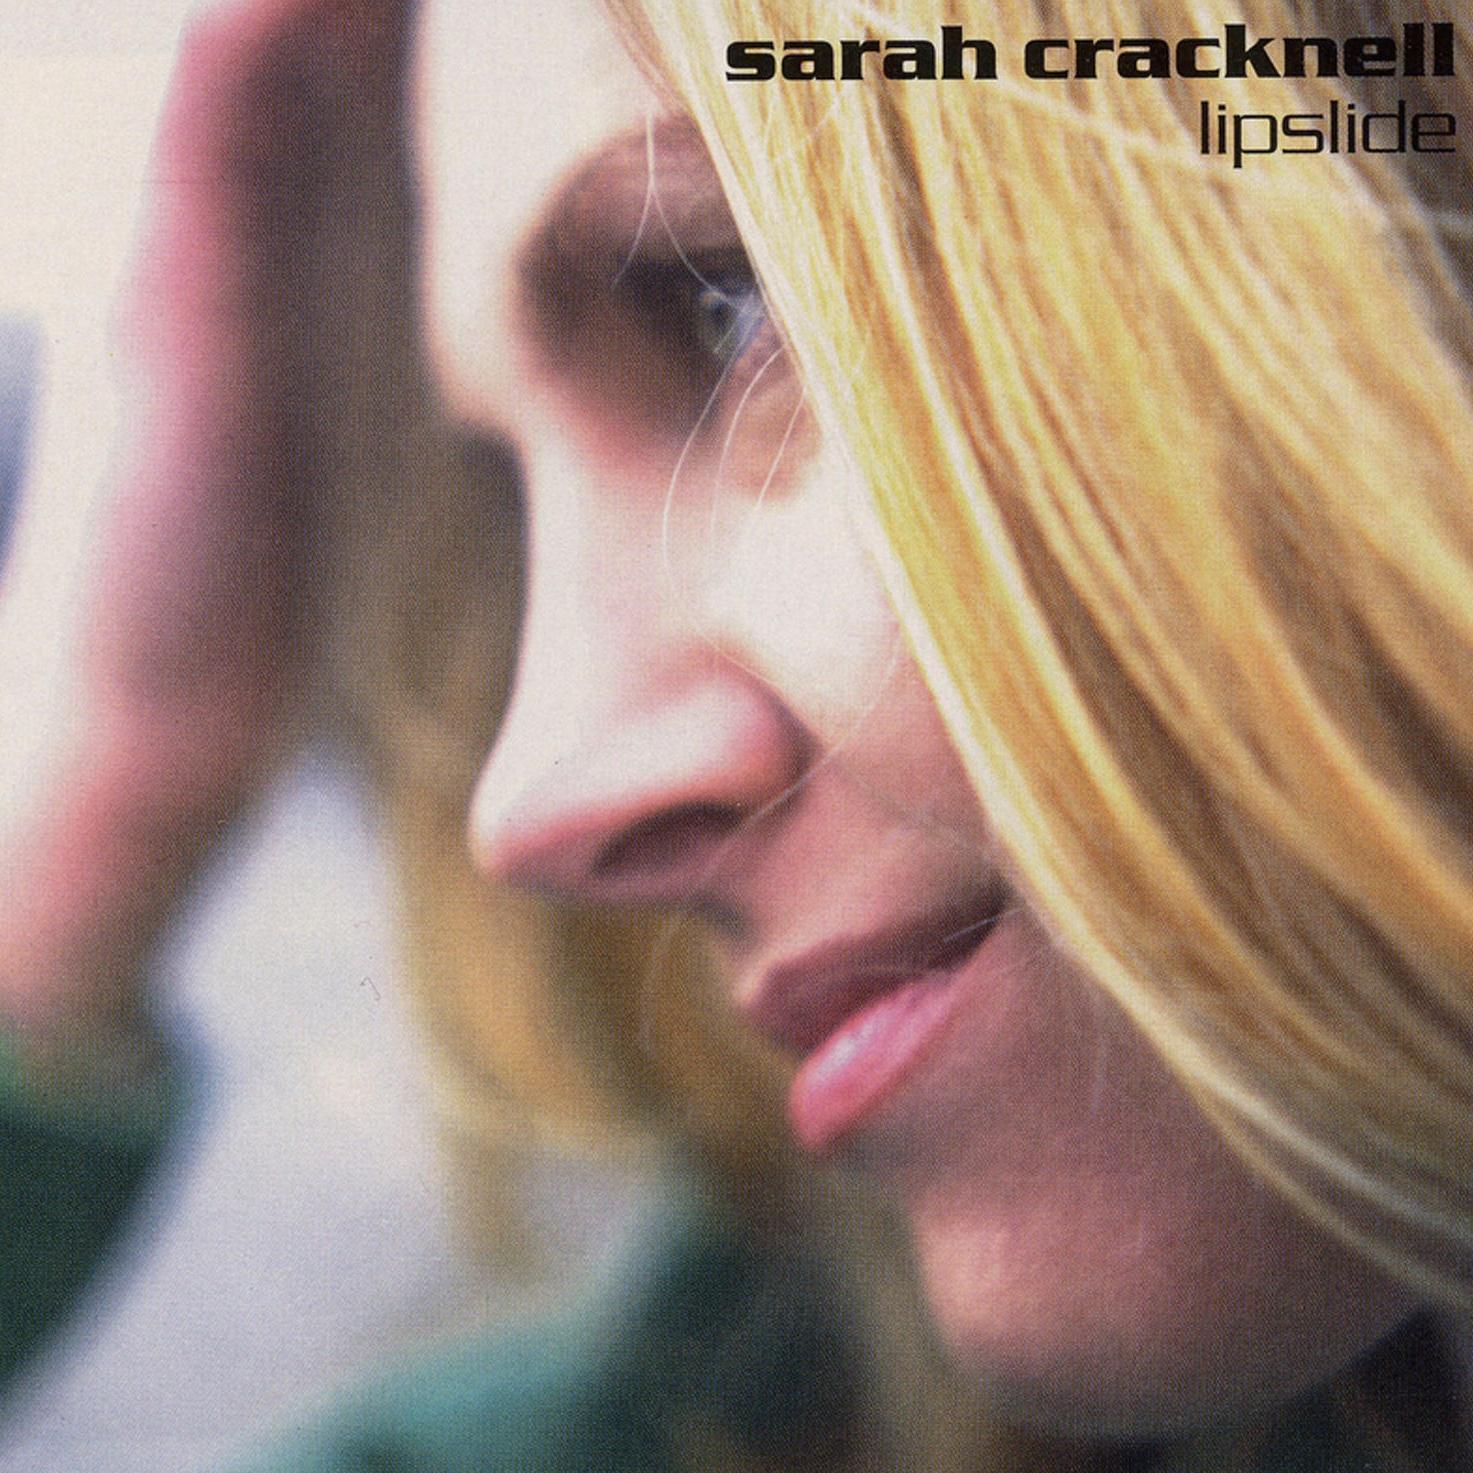 Cracknell_Sarah_Lipslide.jpg